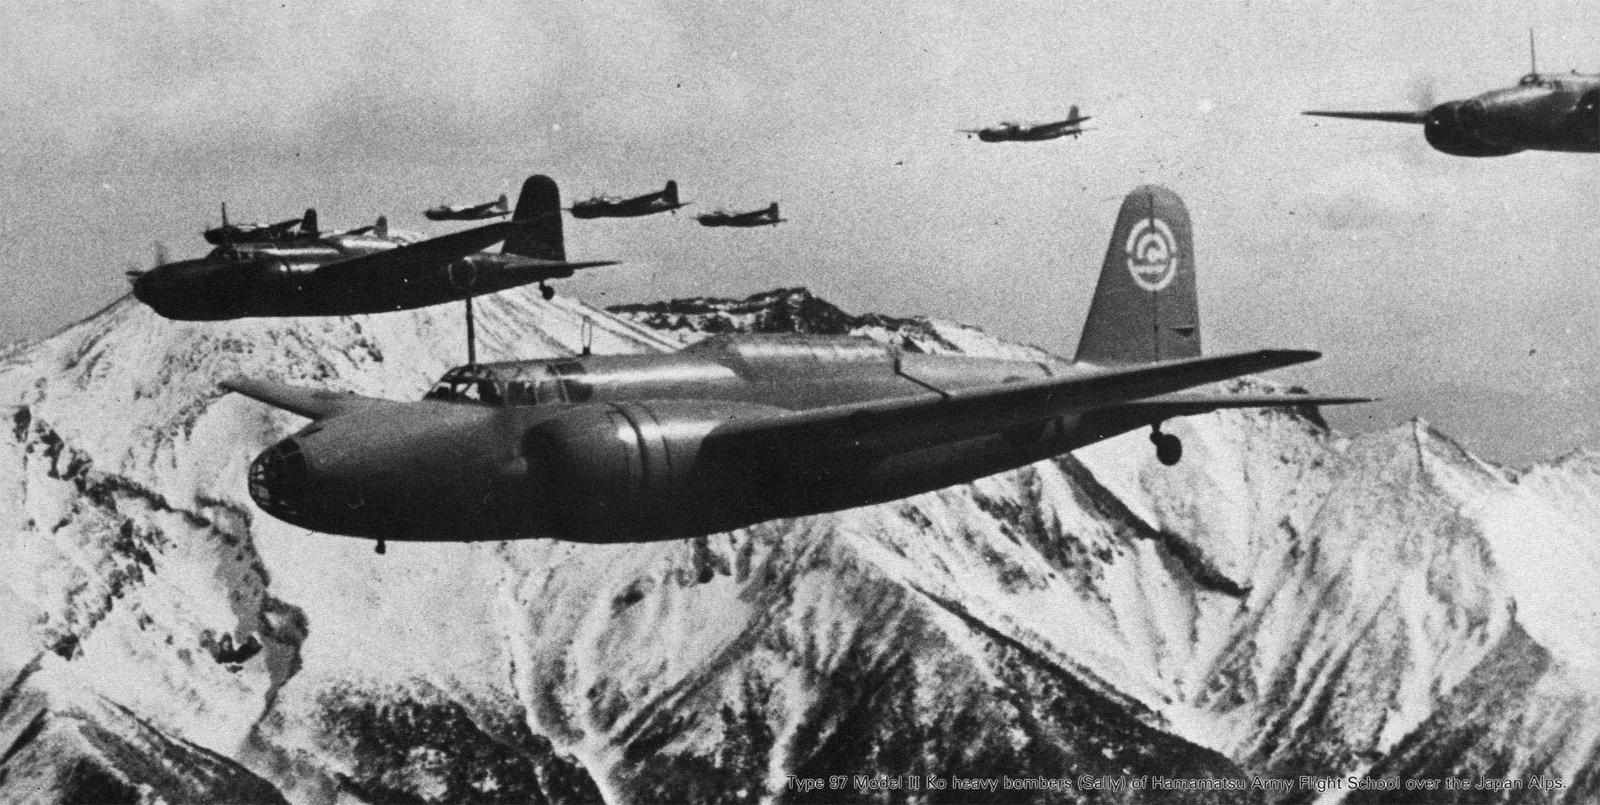 Mitsubishi-Ki-21-I-Sally-Hamamatsu-Army-